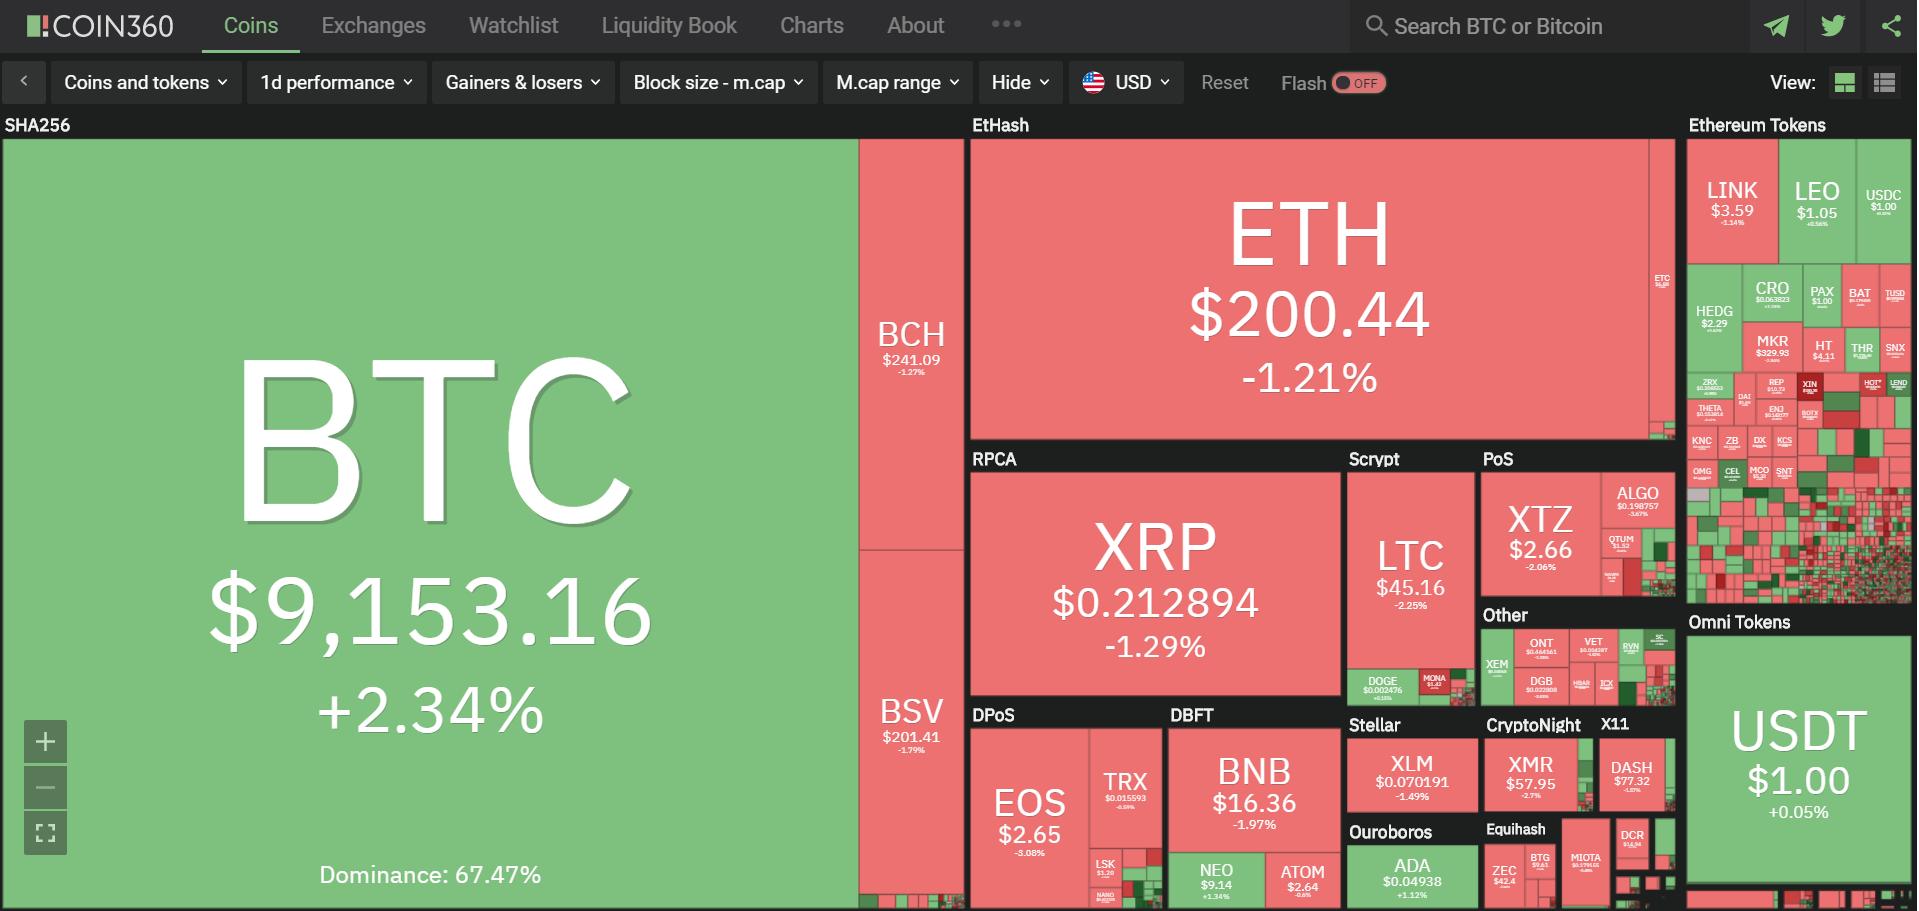 Toàn cảnh thị trường ngày 7/5 (nguồn: Coin360.com)